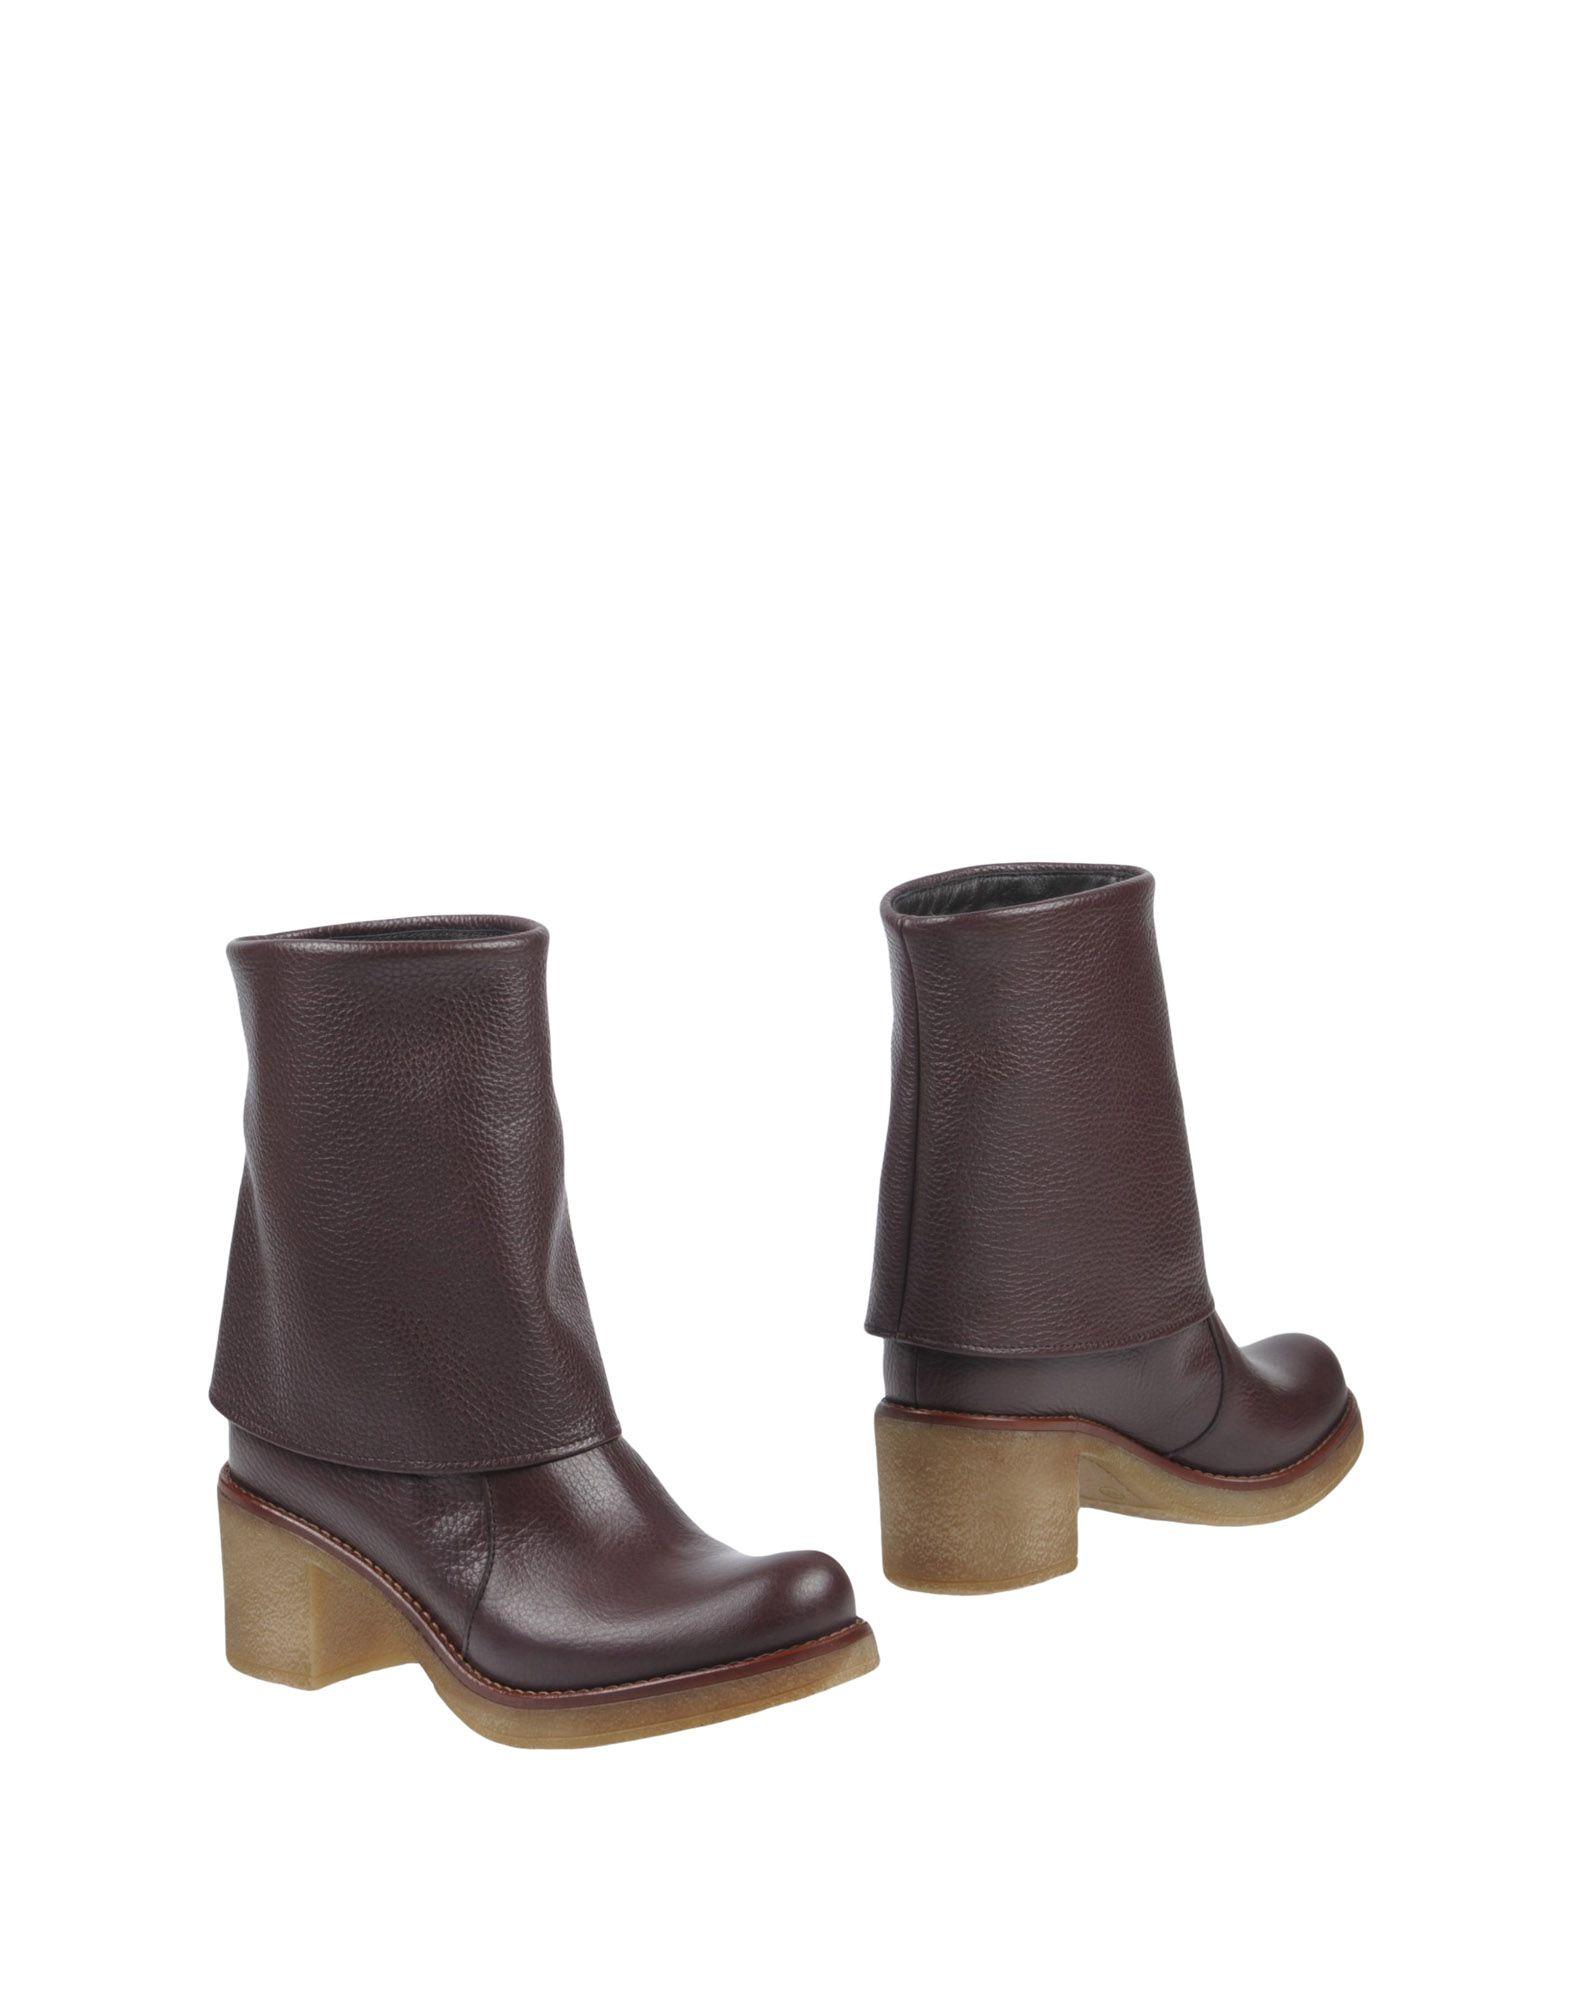 Bottine Emanuela Passeri Femme - Bottines Emanuela Passeri Noir Les chaussures les plus populaires pour les hommes et les femmes